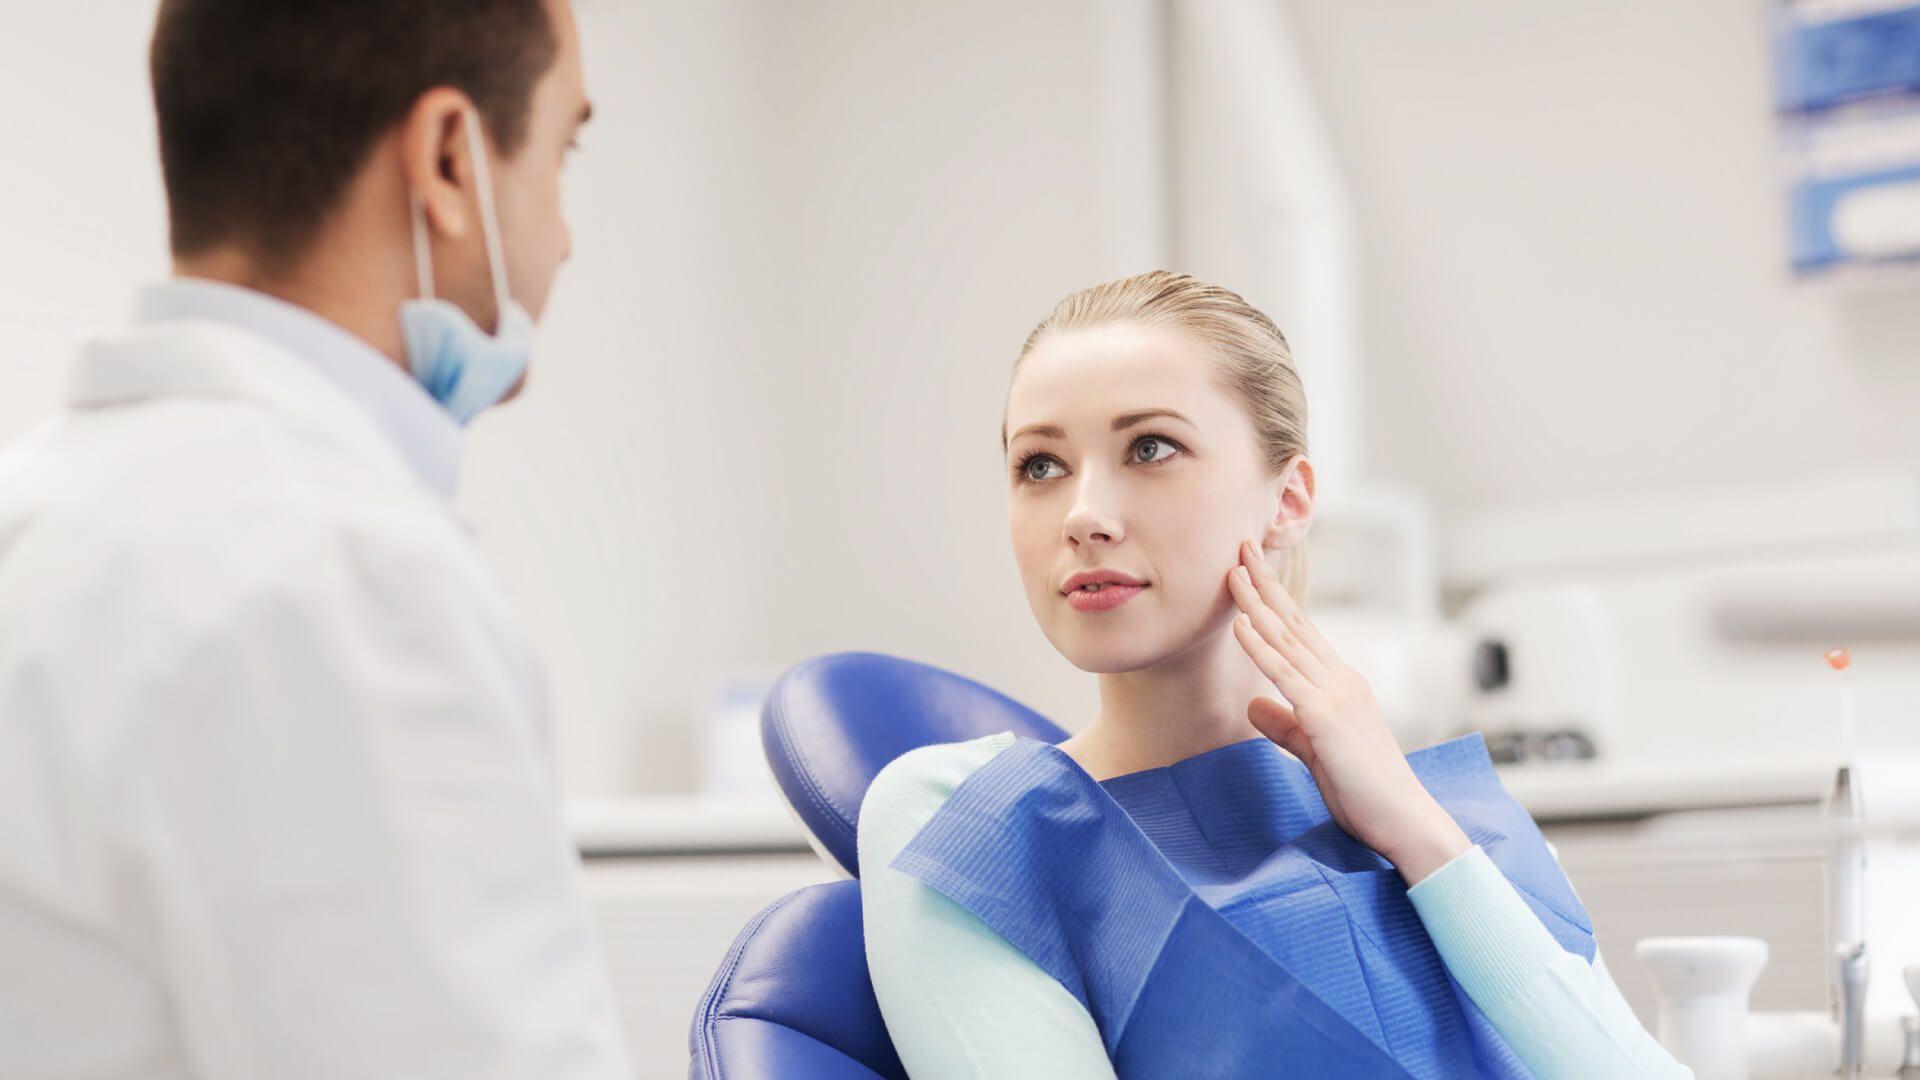 Dentist Near Me Open Today in 2020 Emergency dentist